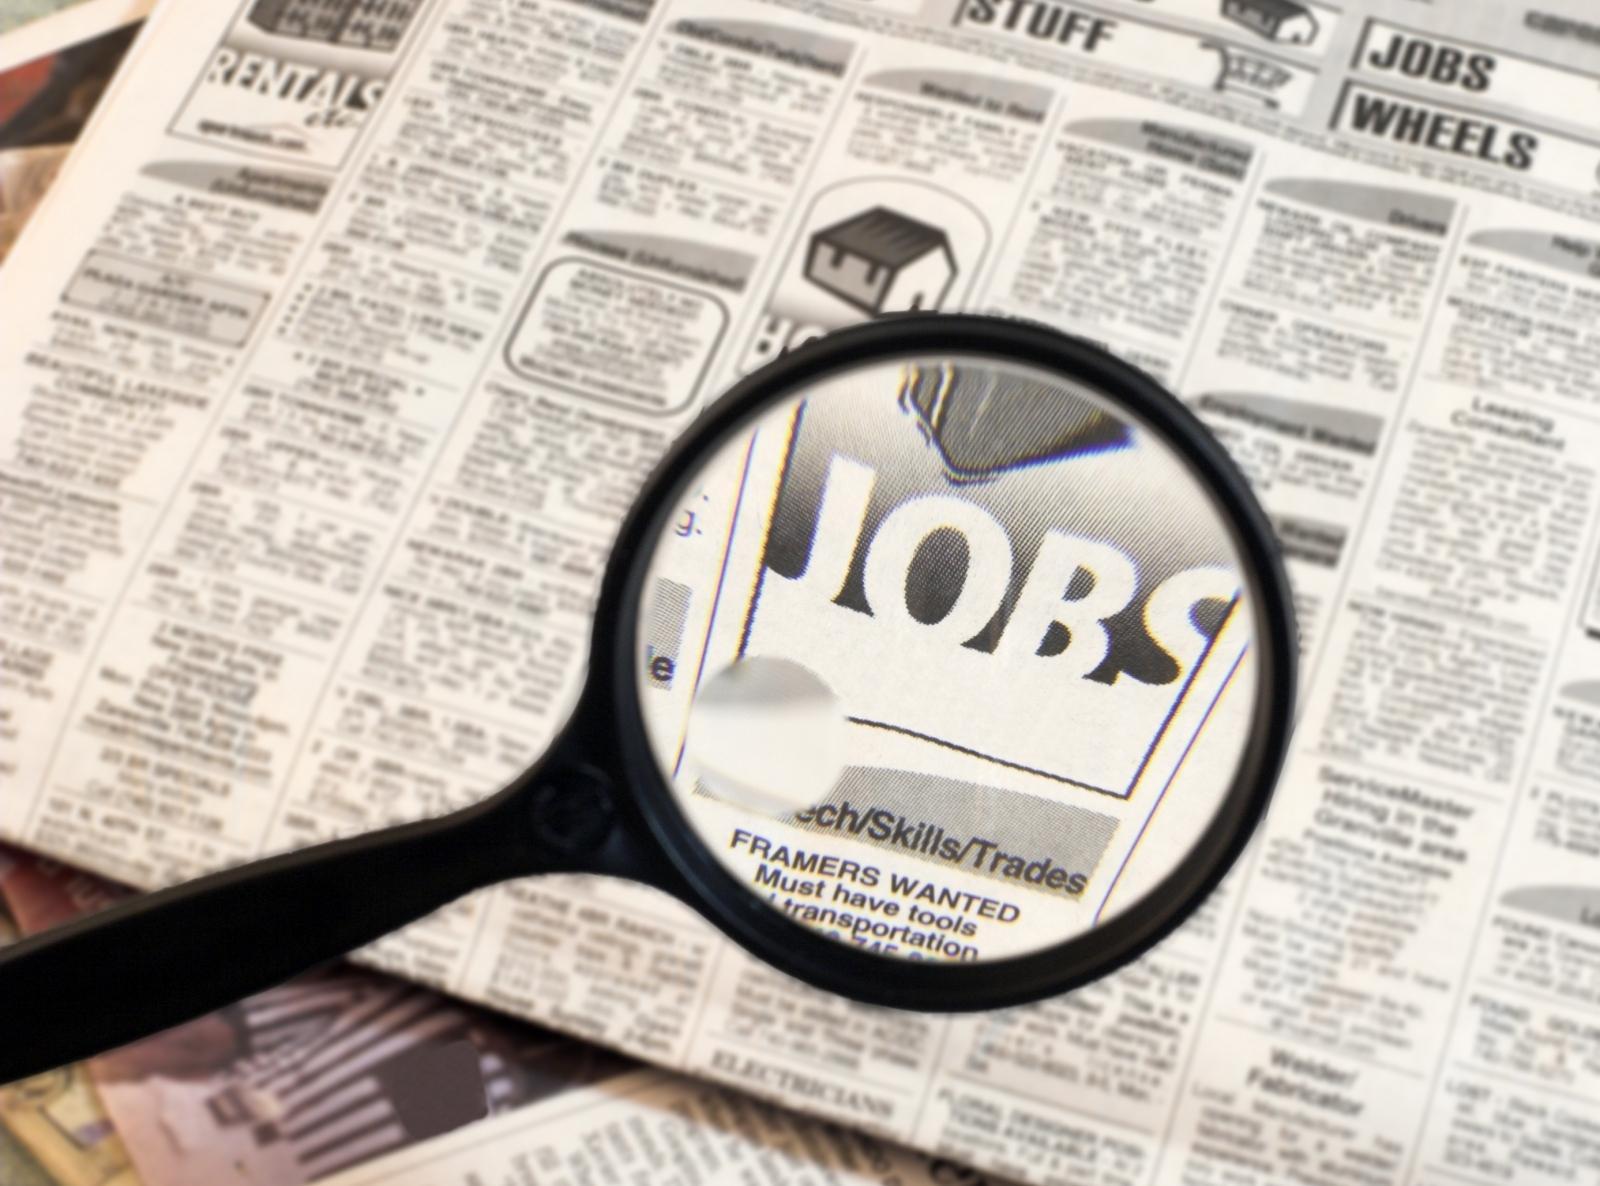 Mẫu hợp đồng thử việc và những quy định về chế độ lương và thời gian thử việc